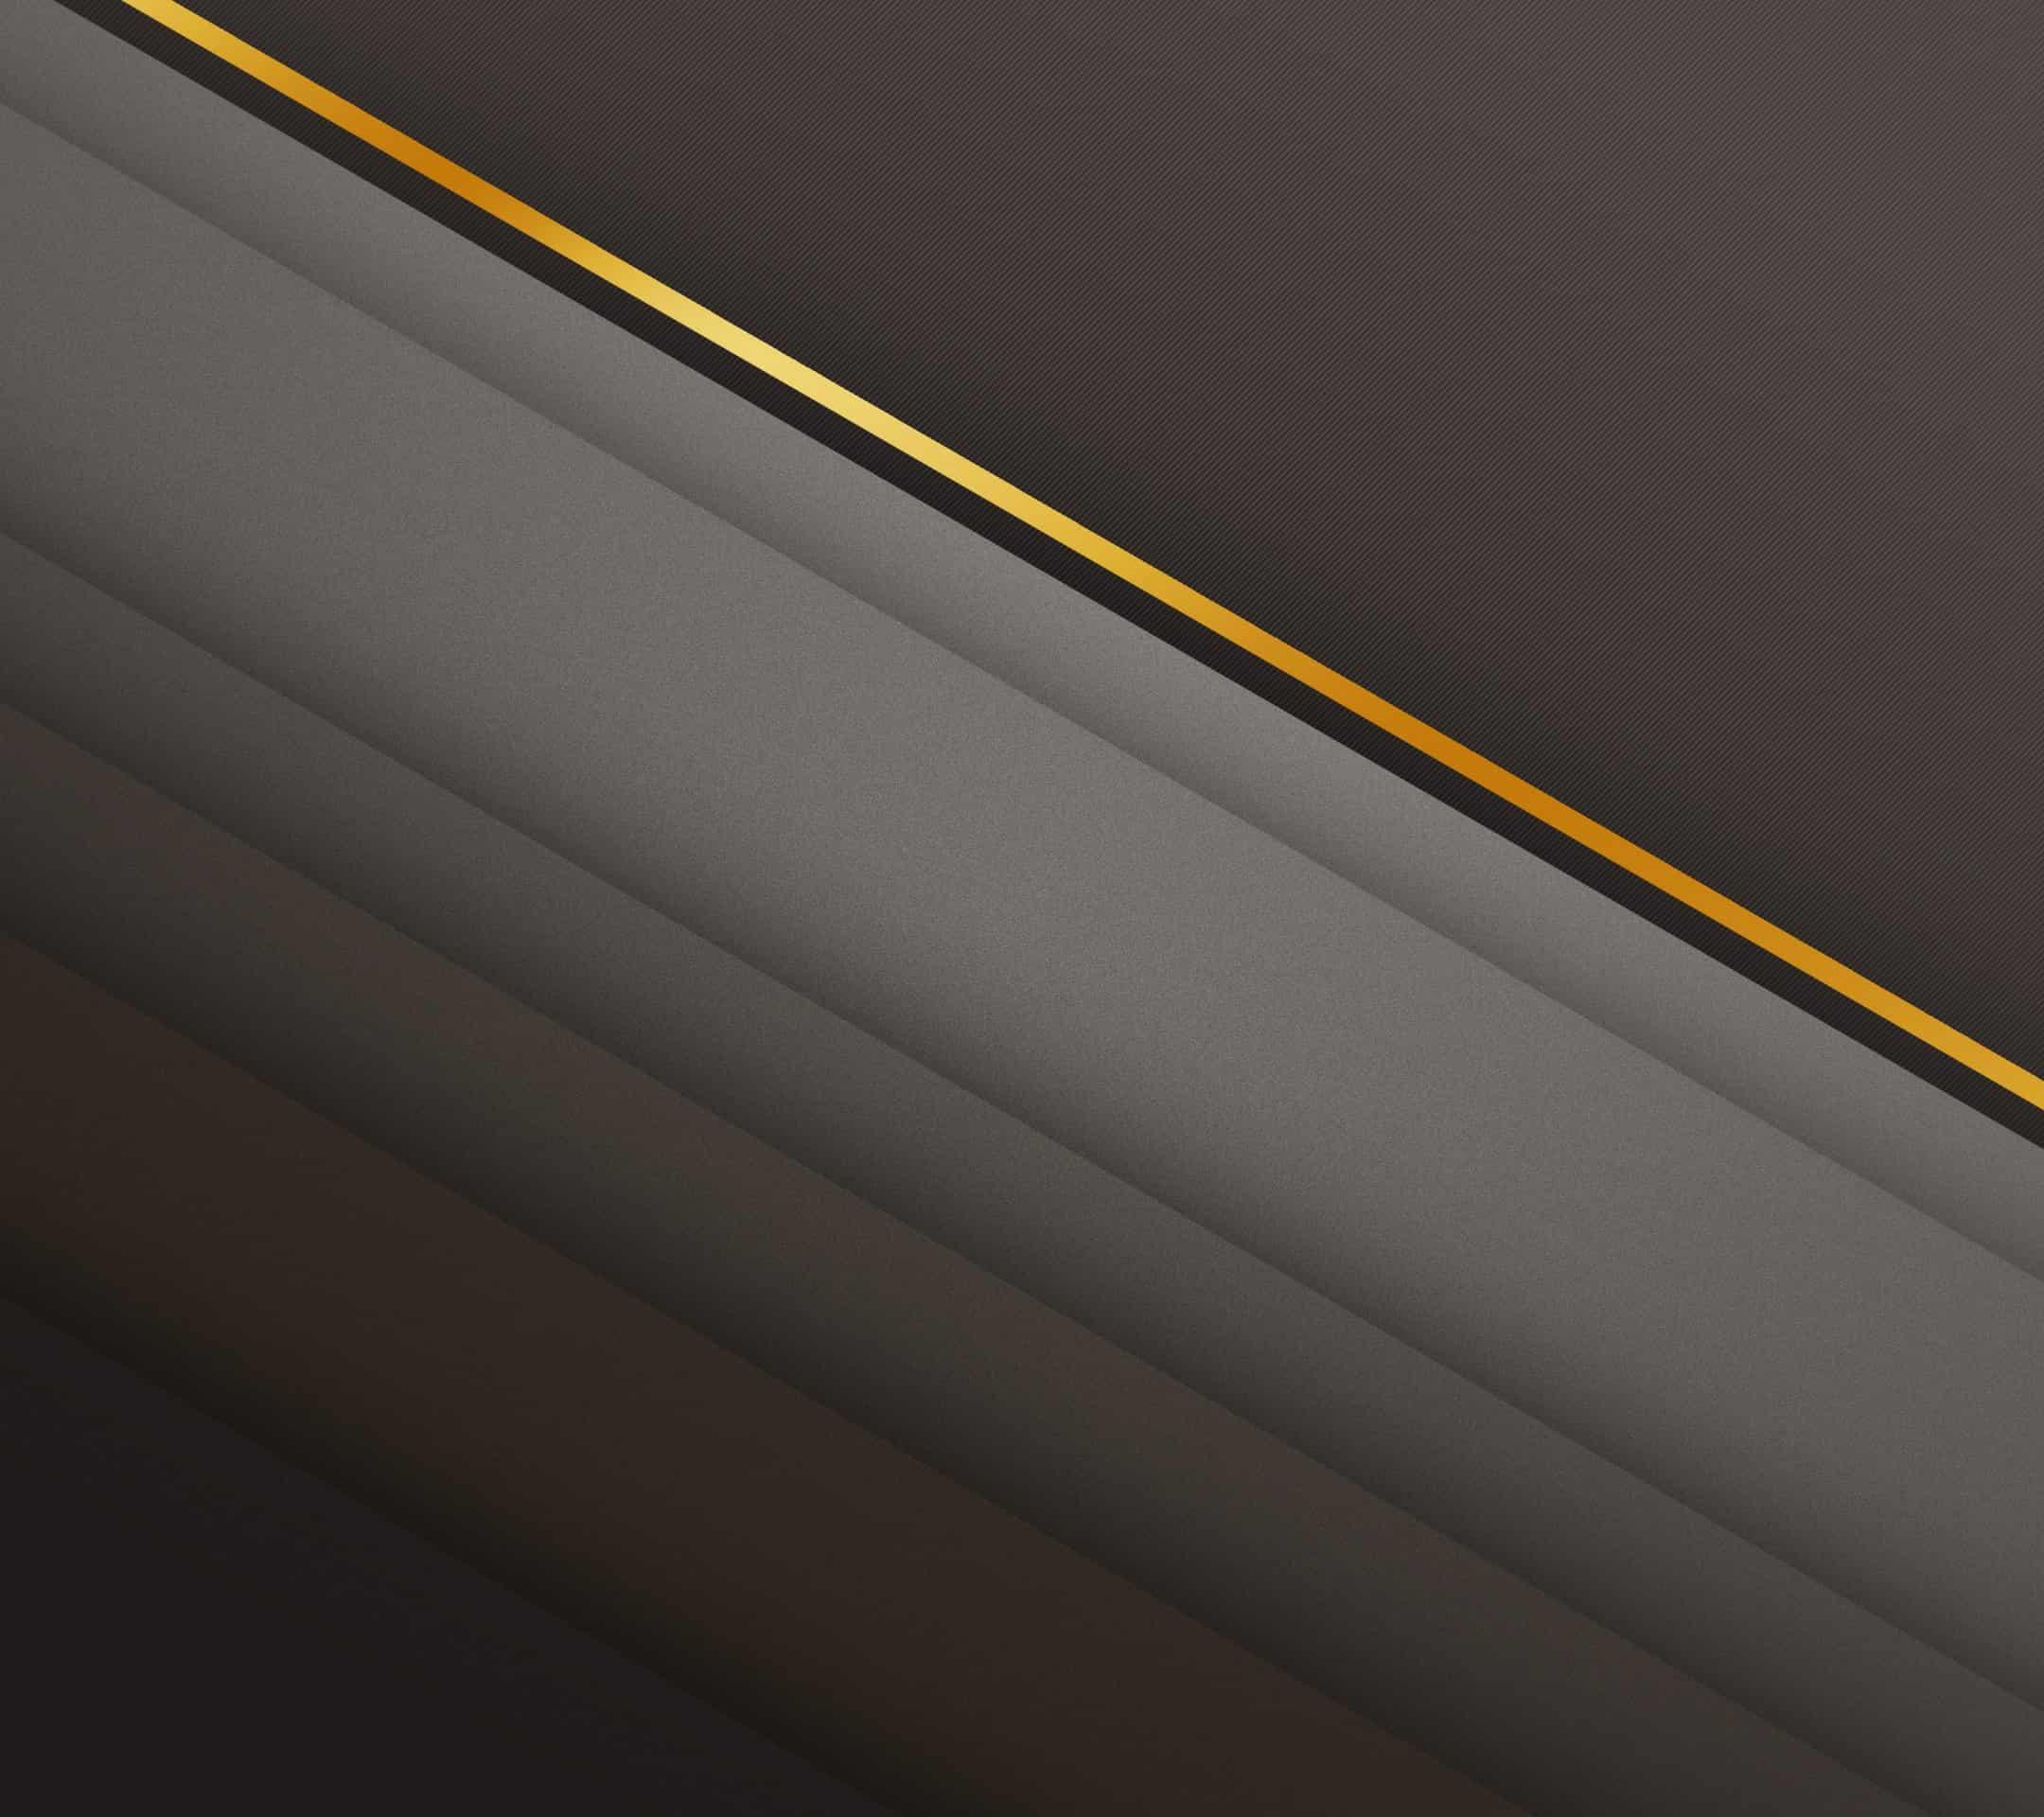 2160x1920 hd wallpaper appsapk 226